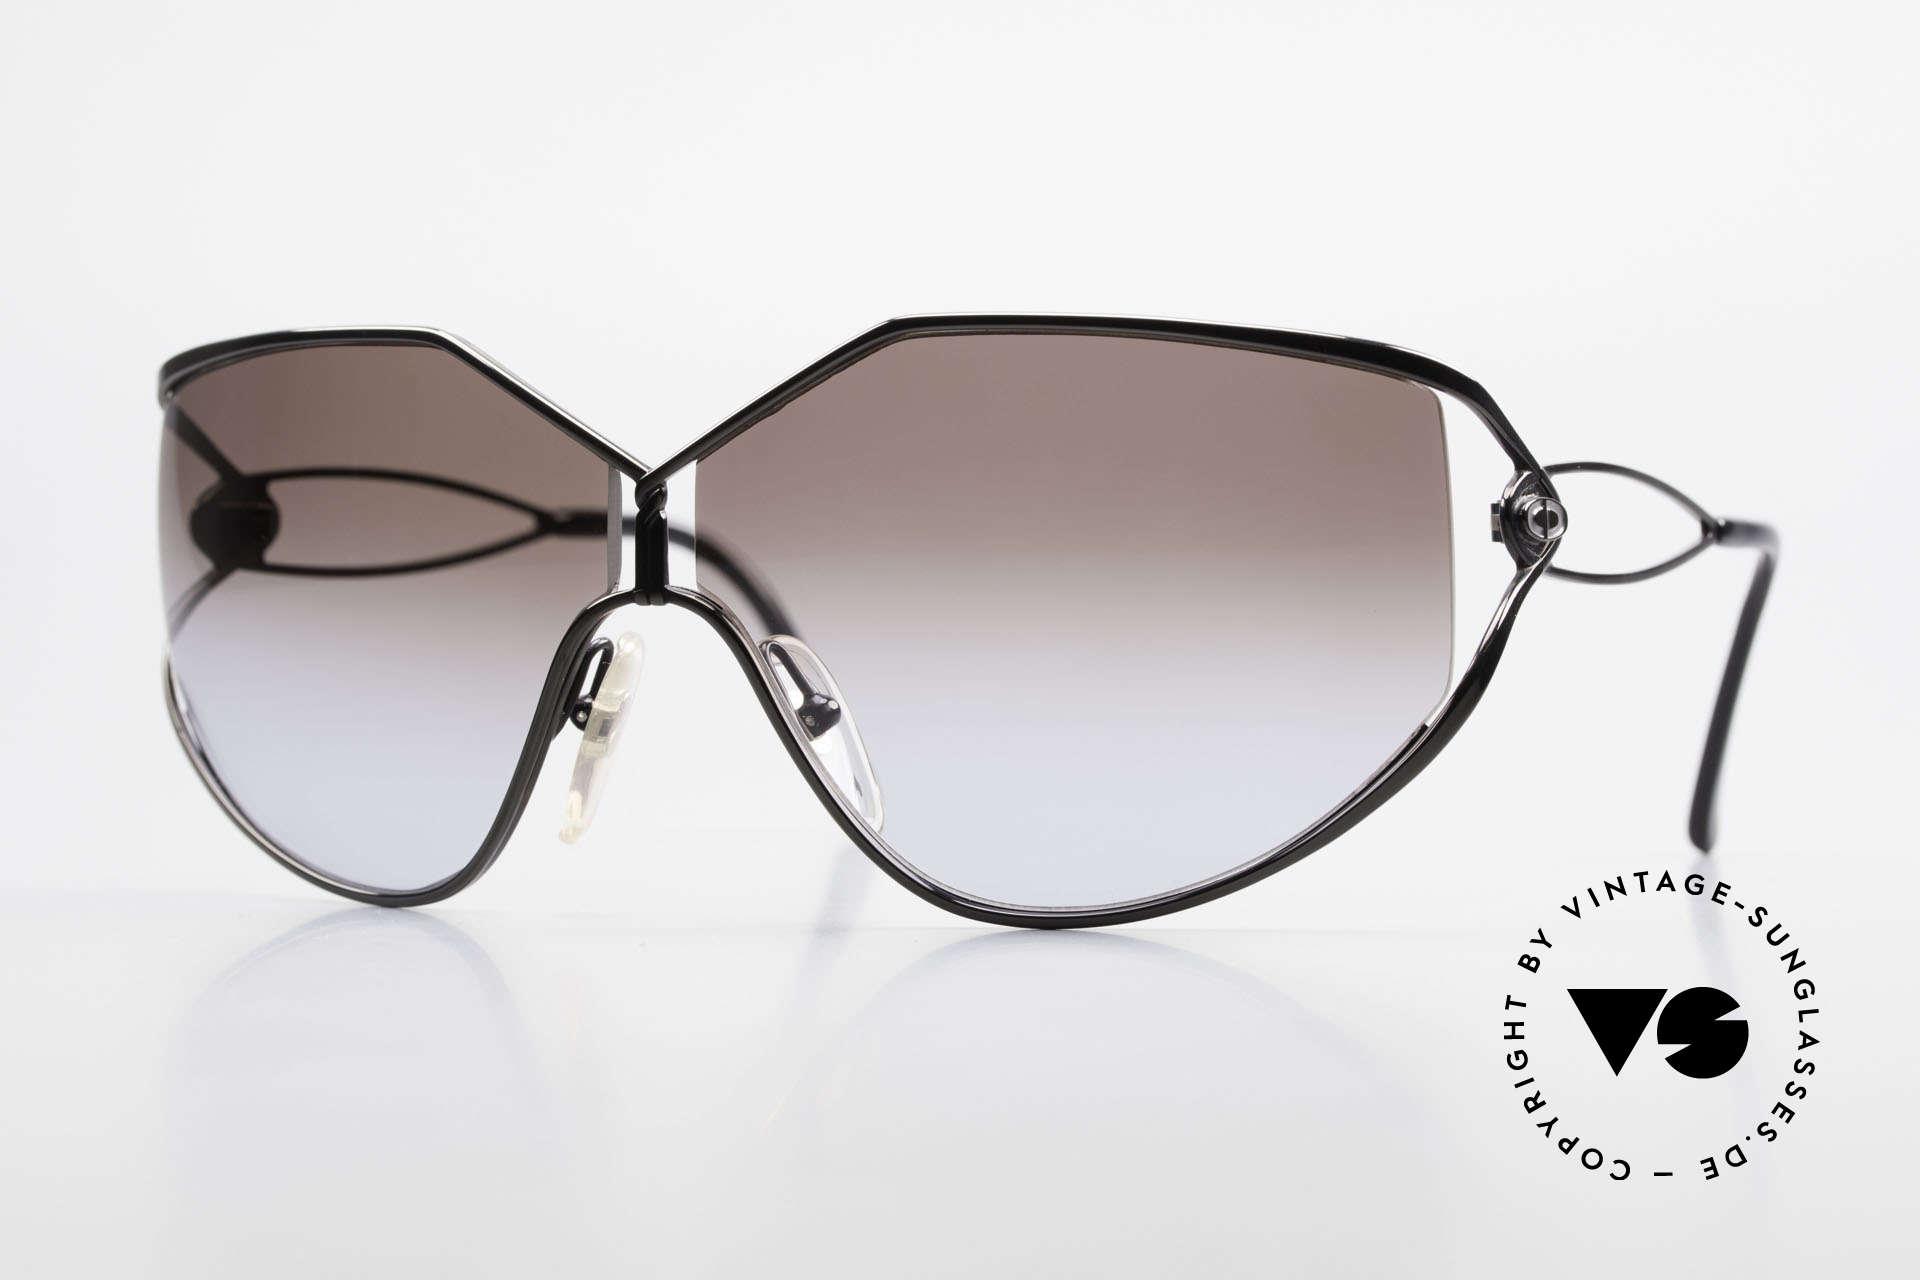 Christian Dior 2345 Damen Designersonnenbrille, vintage Oversize Sonnenbrille von Christian Dior, Passend für Damen